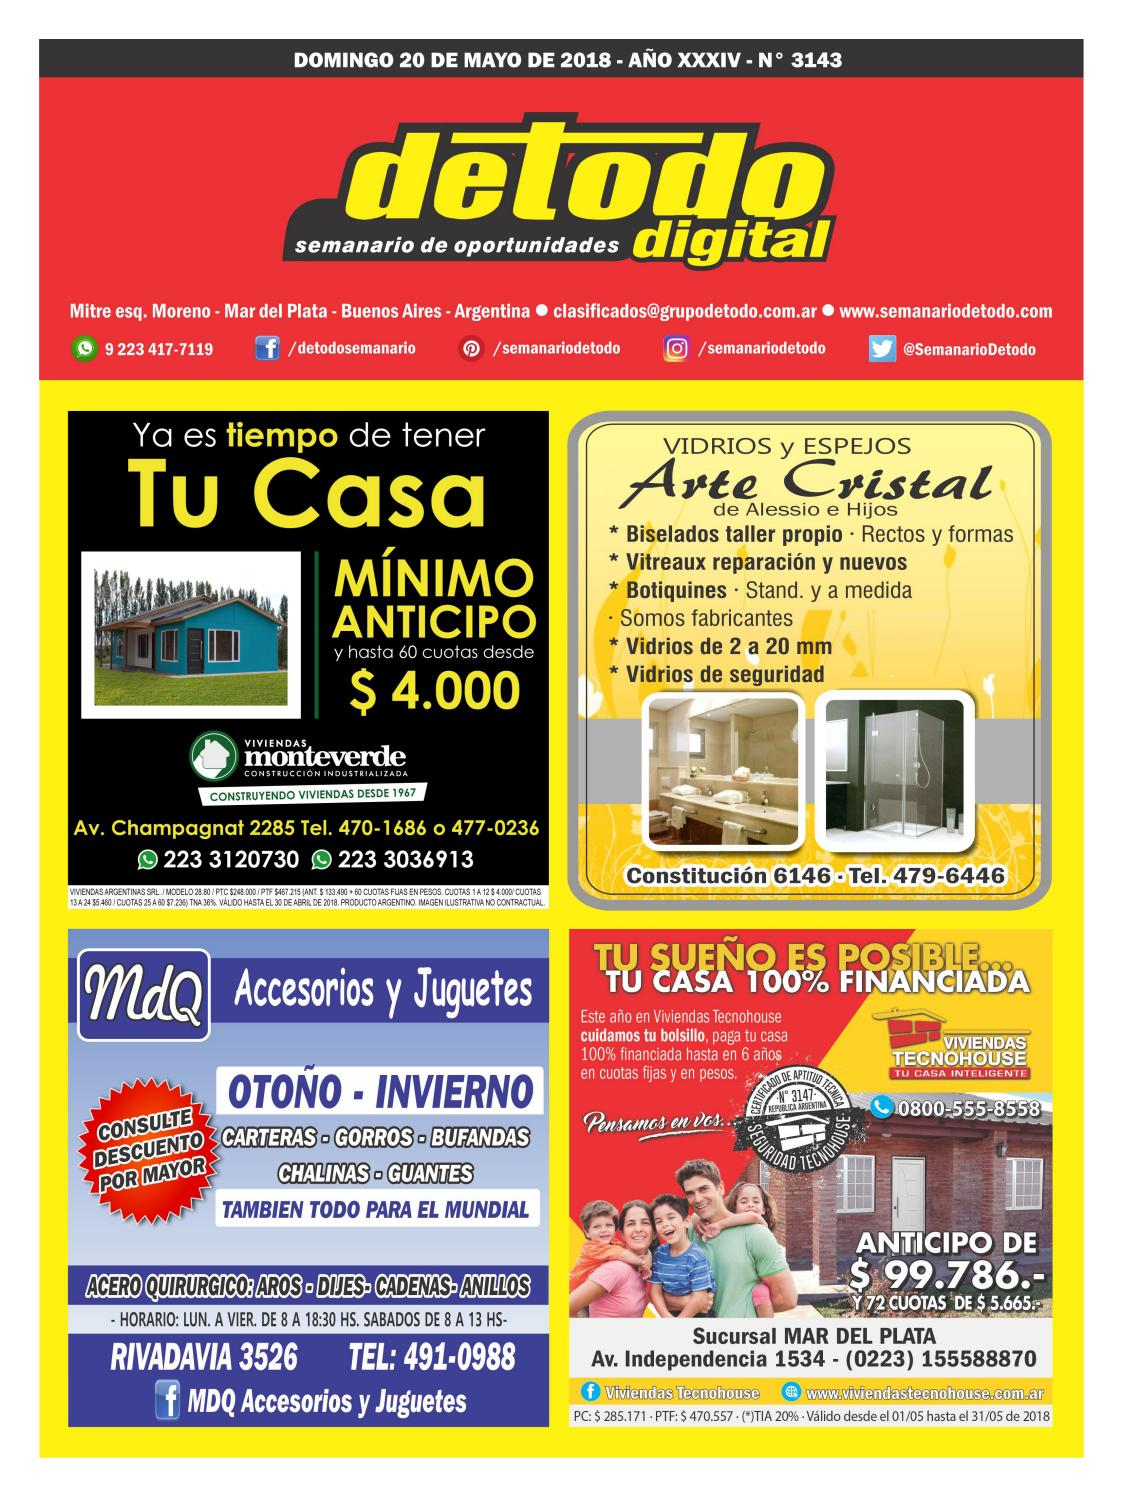 Semanario Detodo Digital - Edición N° 3143 - 20 05 2018 by Semanario Detodo  - issuu 80dbcae5fe907